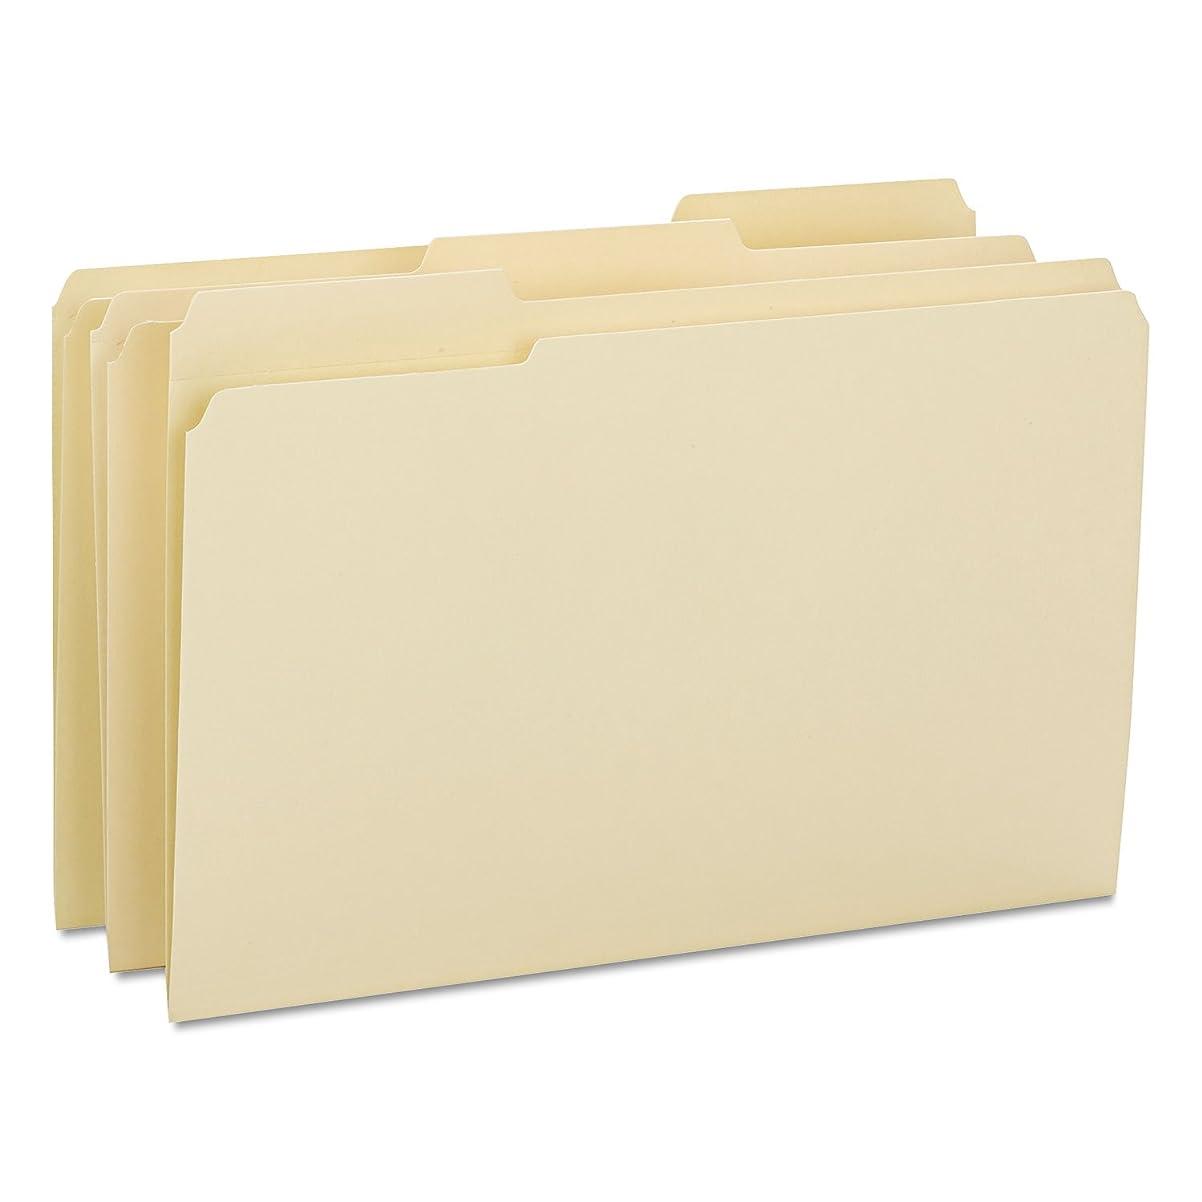 申し込むワードローブコメントSmead 15434 ファイルフォルダ 1/3カット 強化タブ リーガル マニラ 100箱